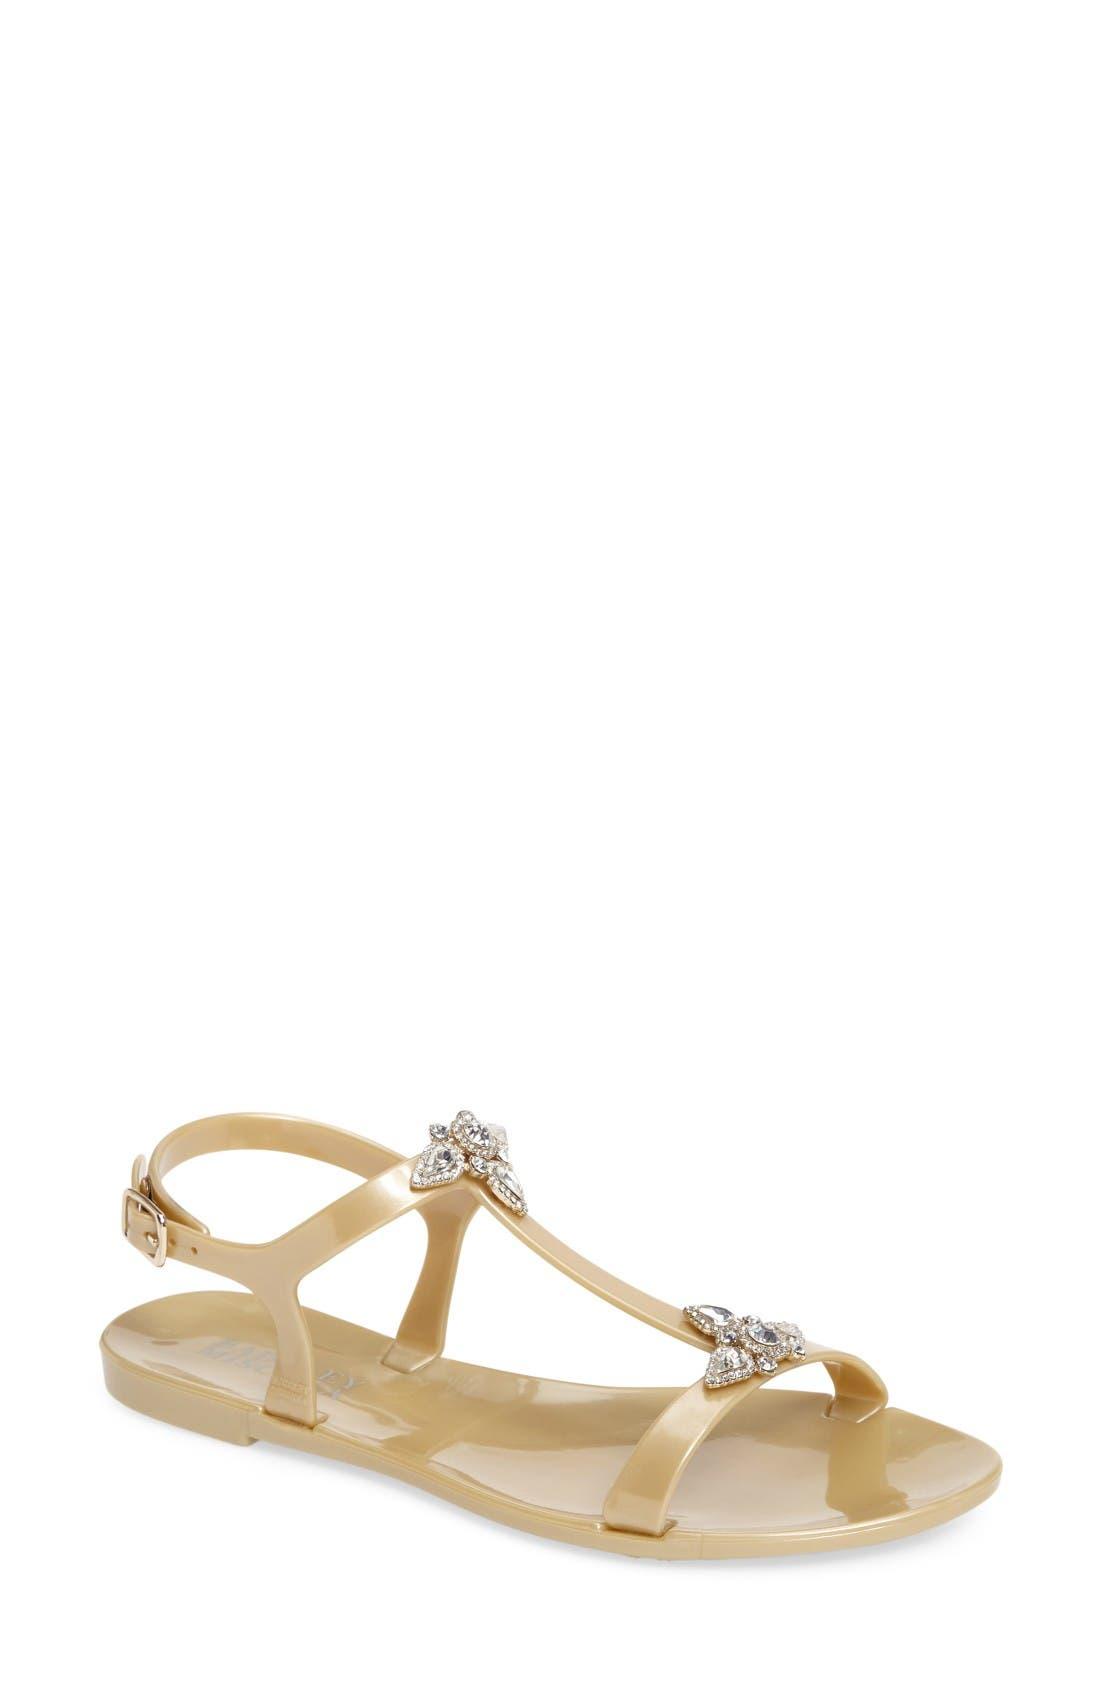 Alternate Image 1 Selected - Badgley Mischka Belize Crystal Embellished Flat Sandal (Women)